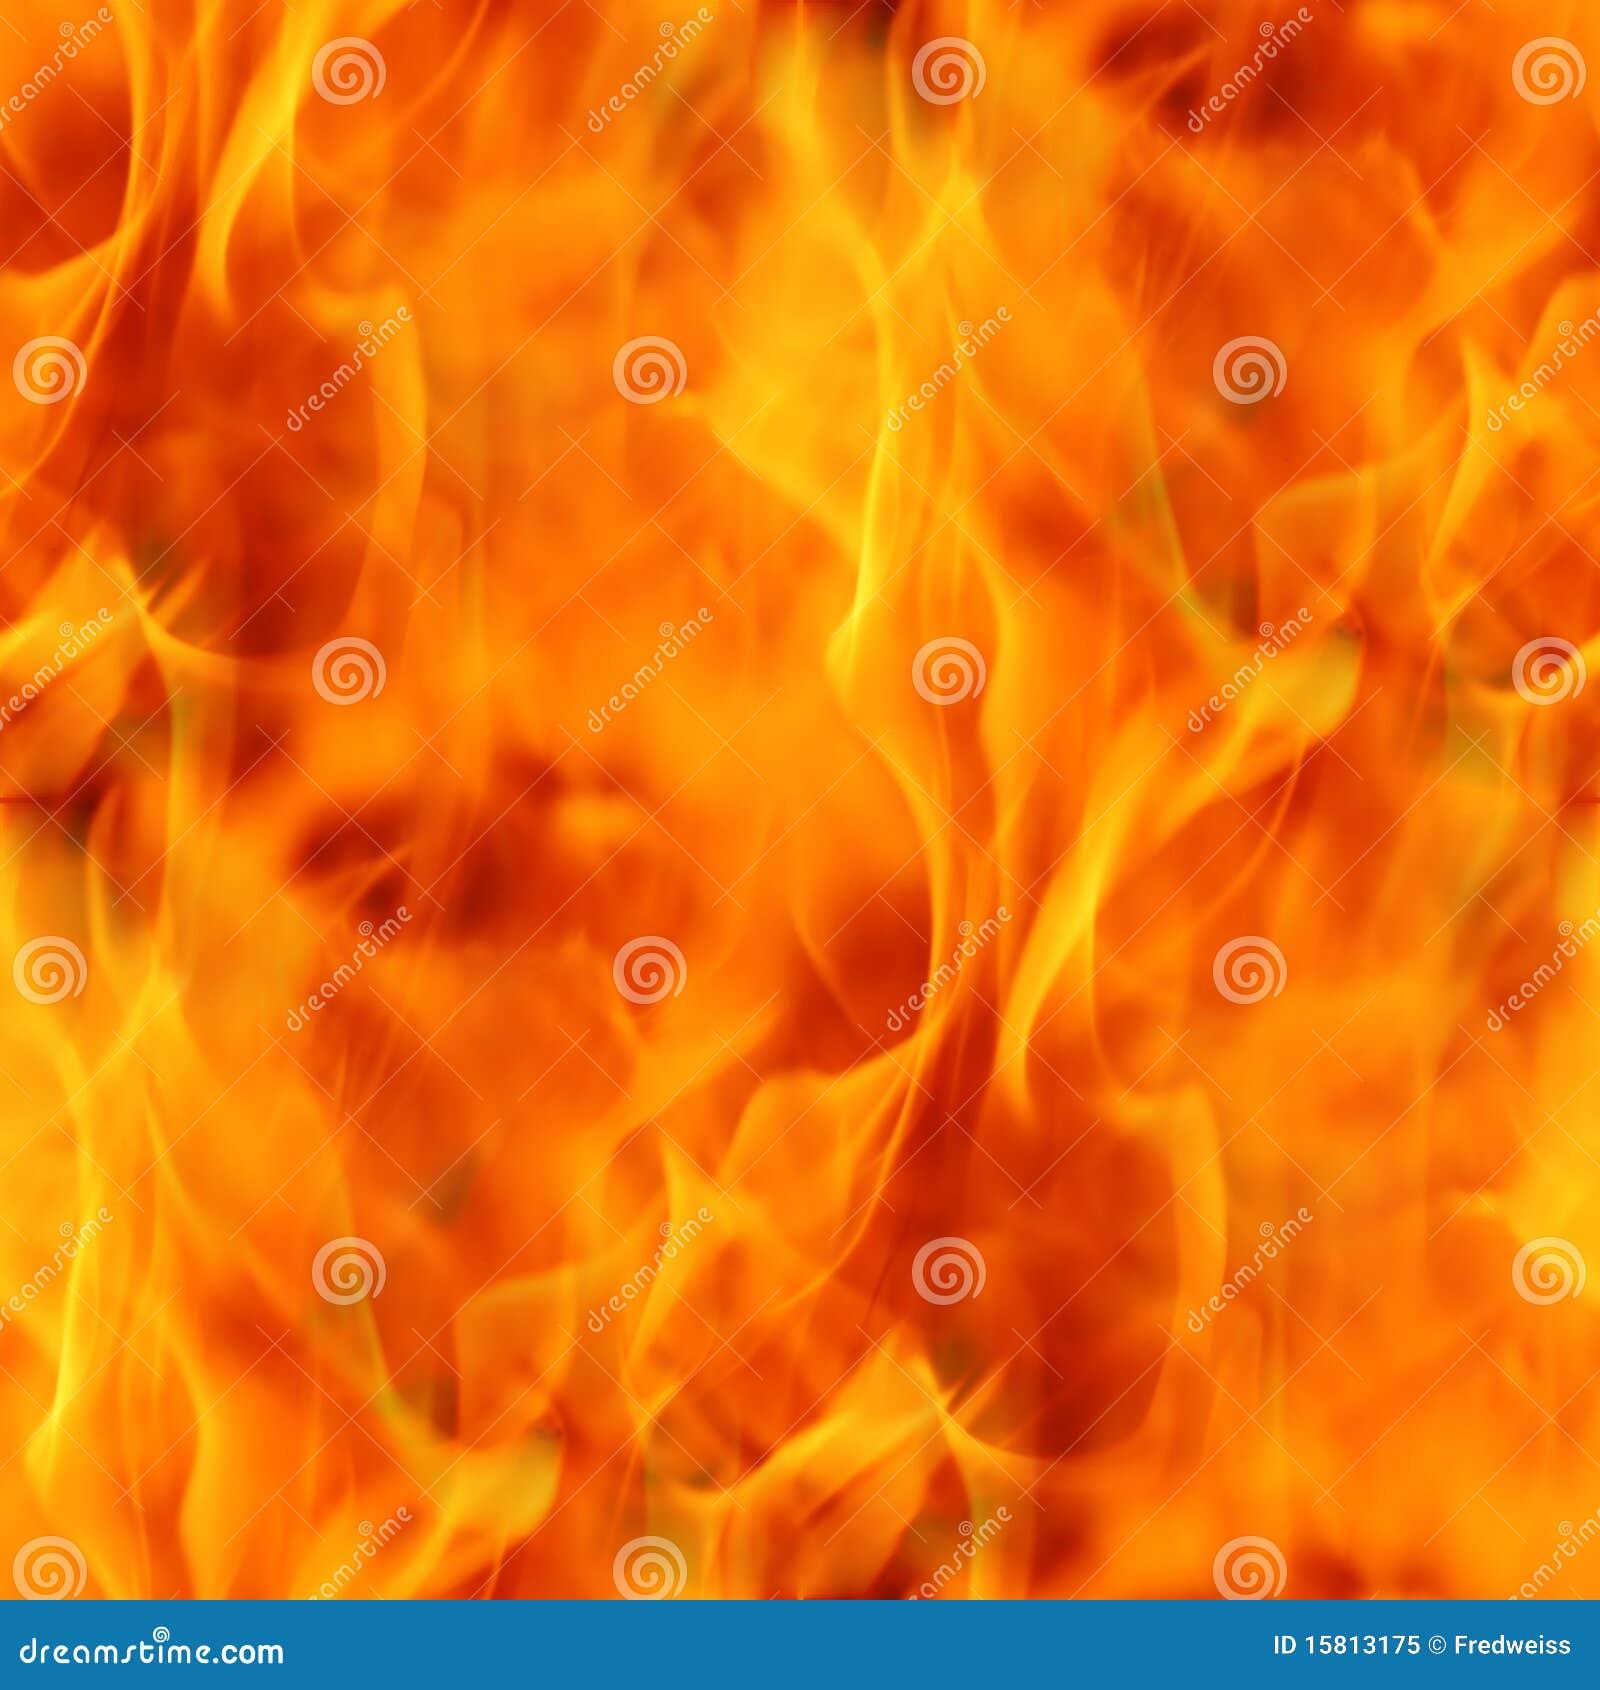 Fuego